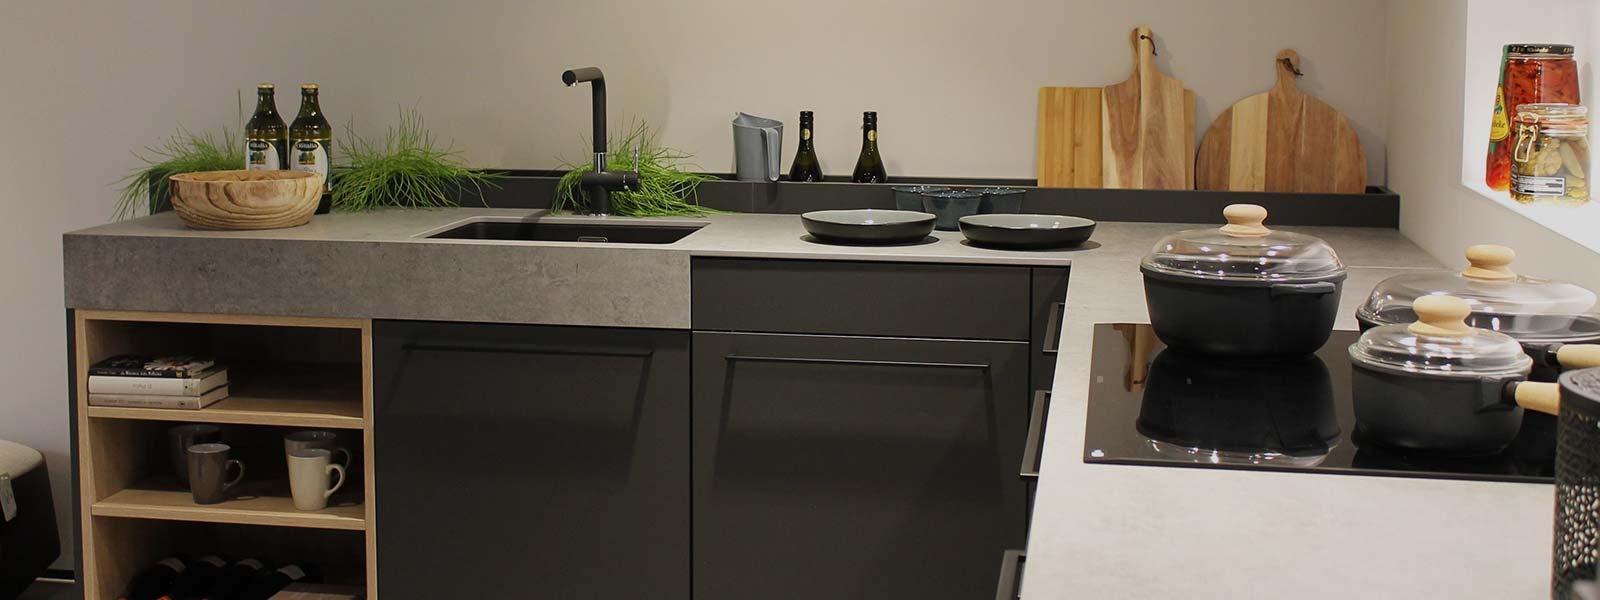 Een zwart grijze Siematic hoekkeuken met ingebouwde kookplaat en gootsteen.